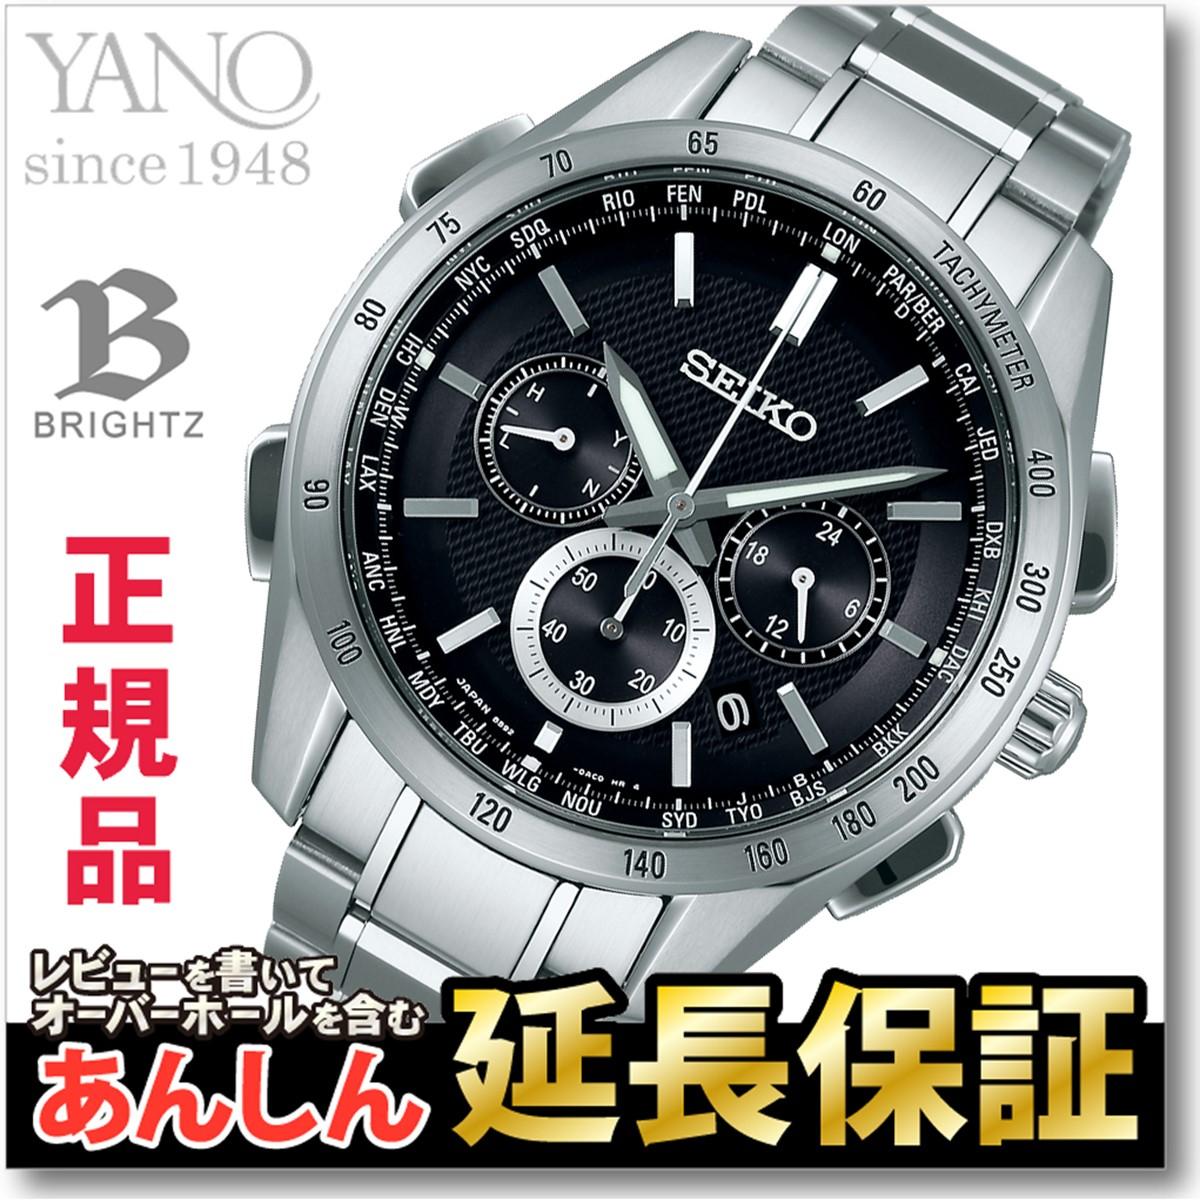 セイコー ブライツ SAGA193 電波 ソーラー 電波時計 メンズ 腕時計 クロノグラフ フライトエキスパート SEIKO BRIGHTZ【正規品】【5sp】